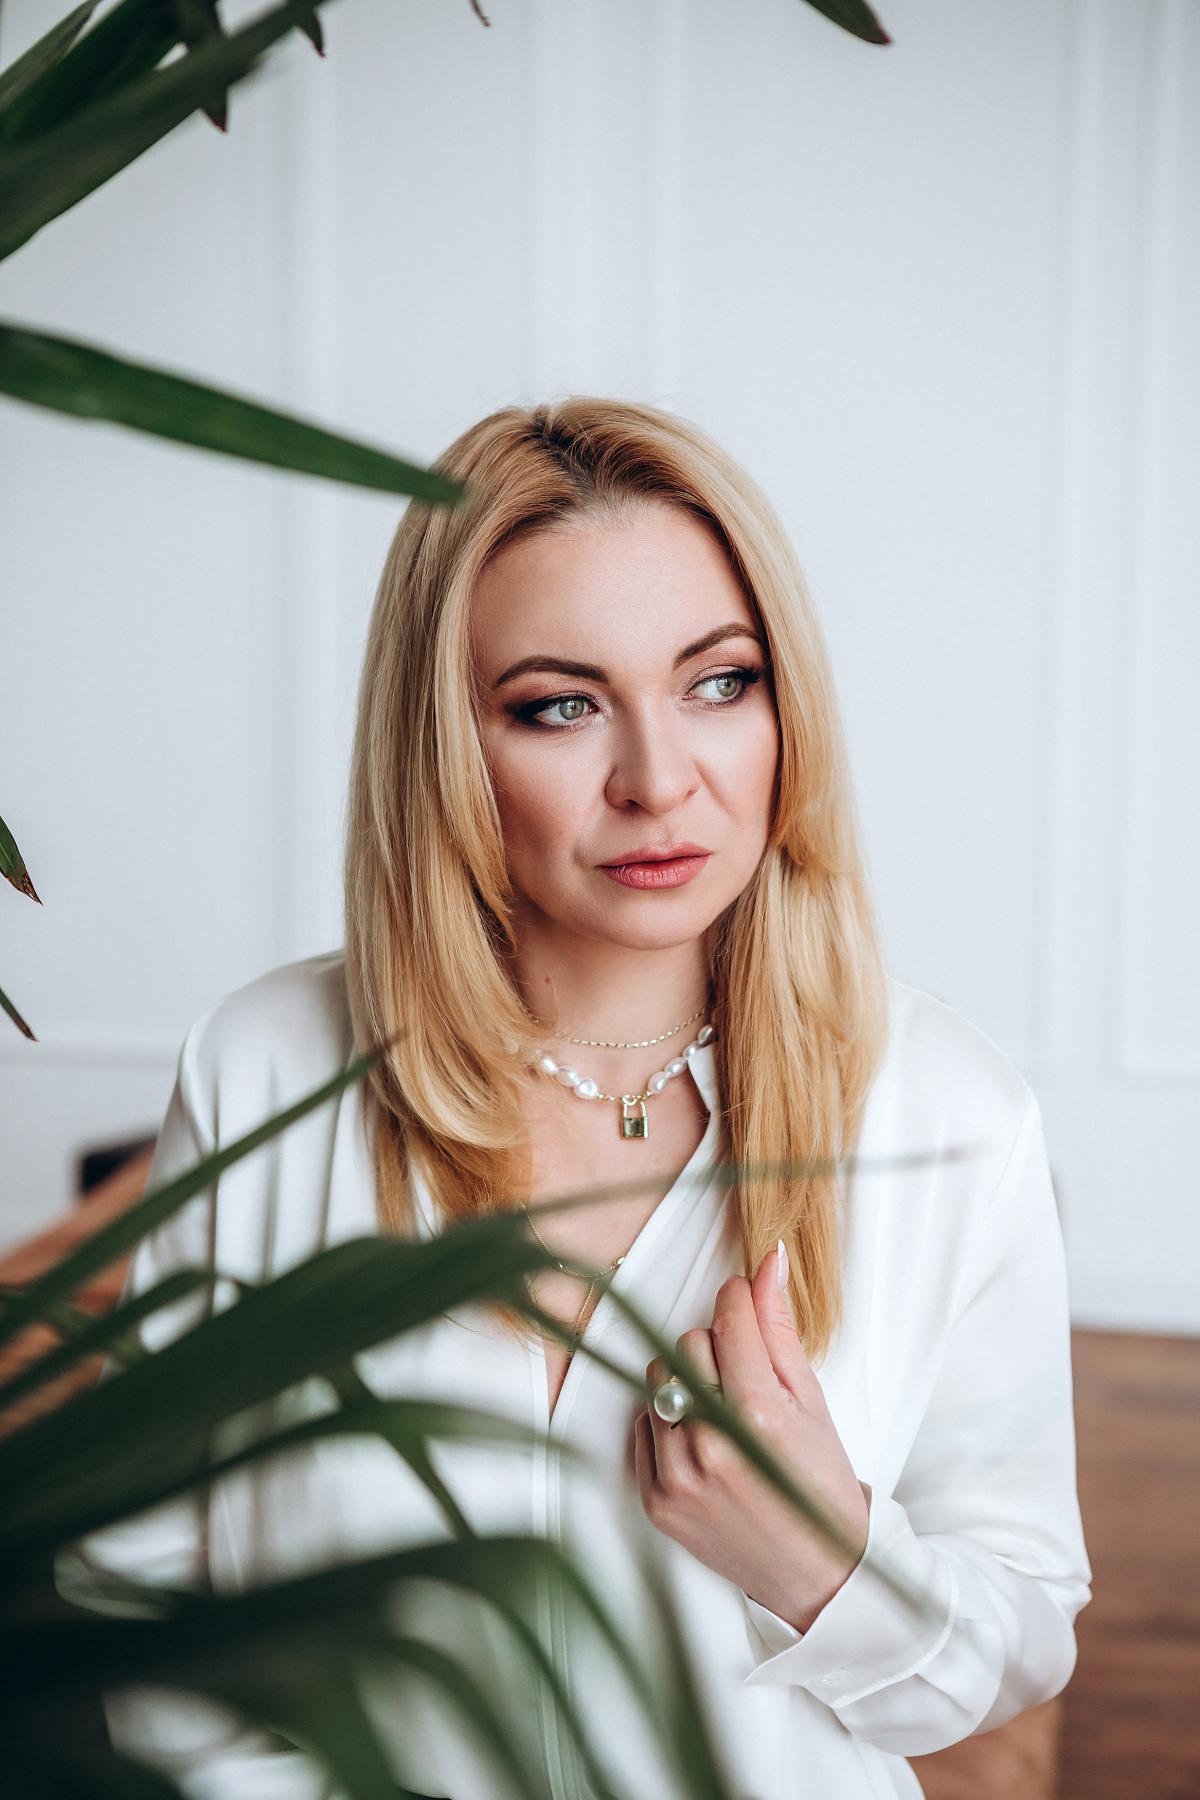 """Сексолог: """"Важно говорить с партнером с самого начала взаимоотношений"""" / пресс-служба Ольги Мирале"""